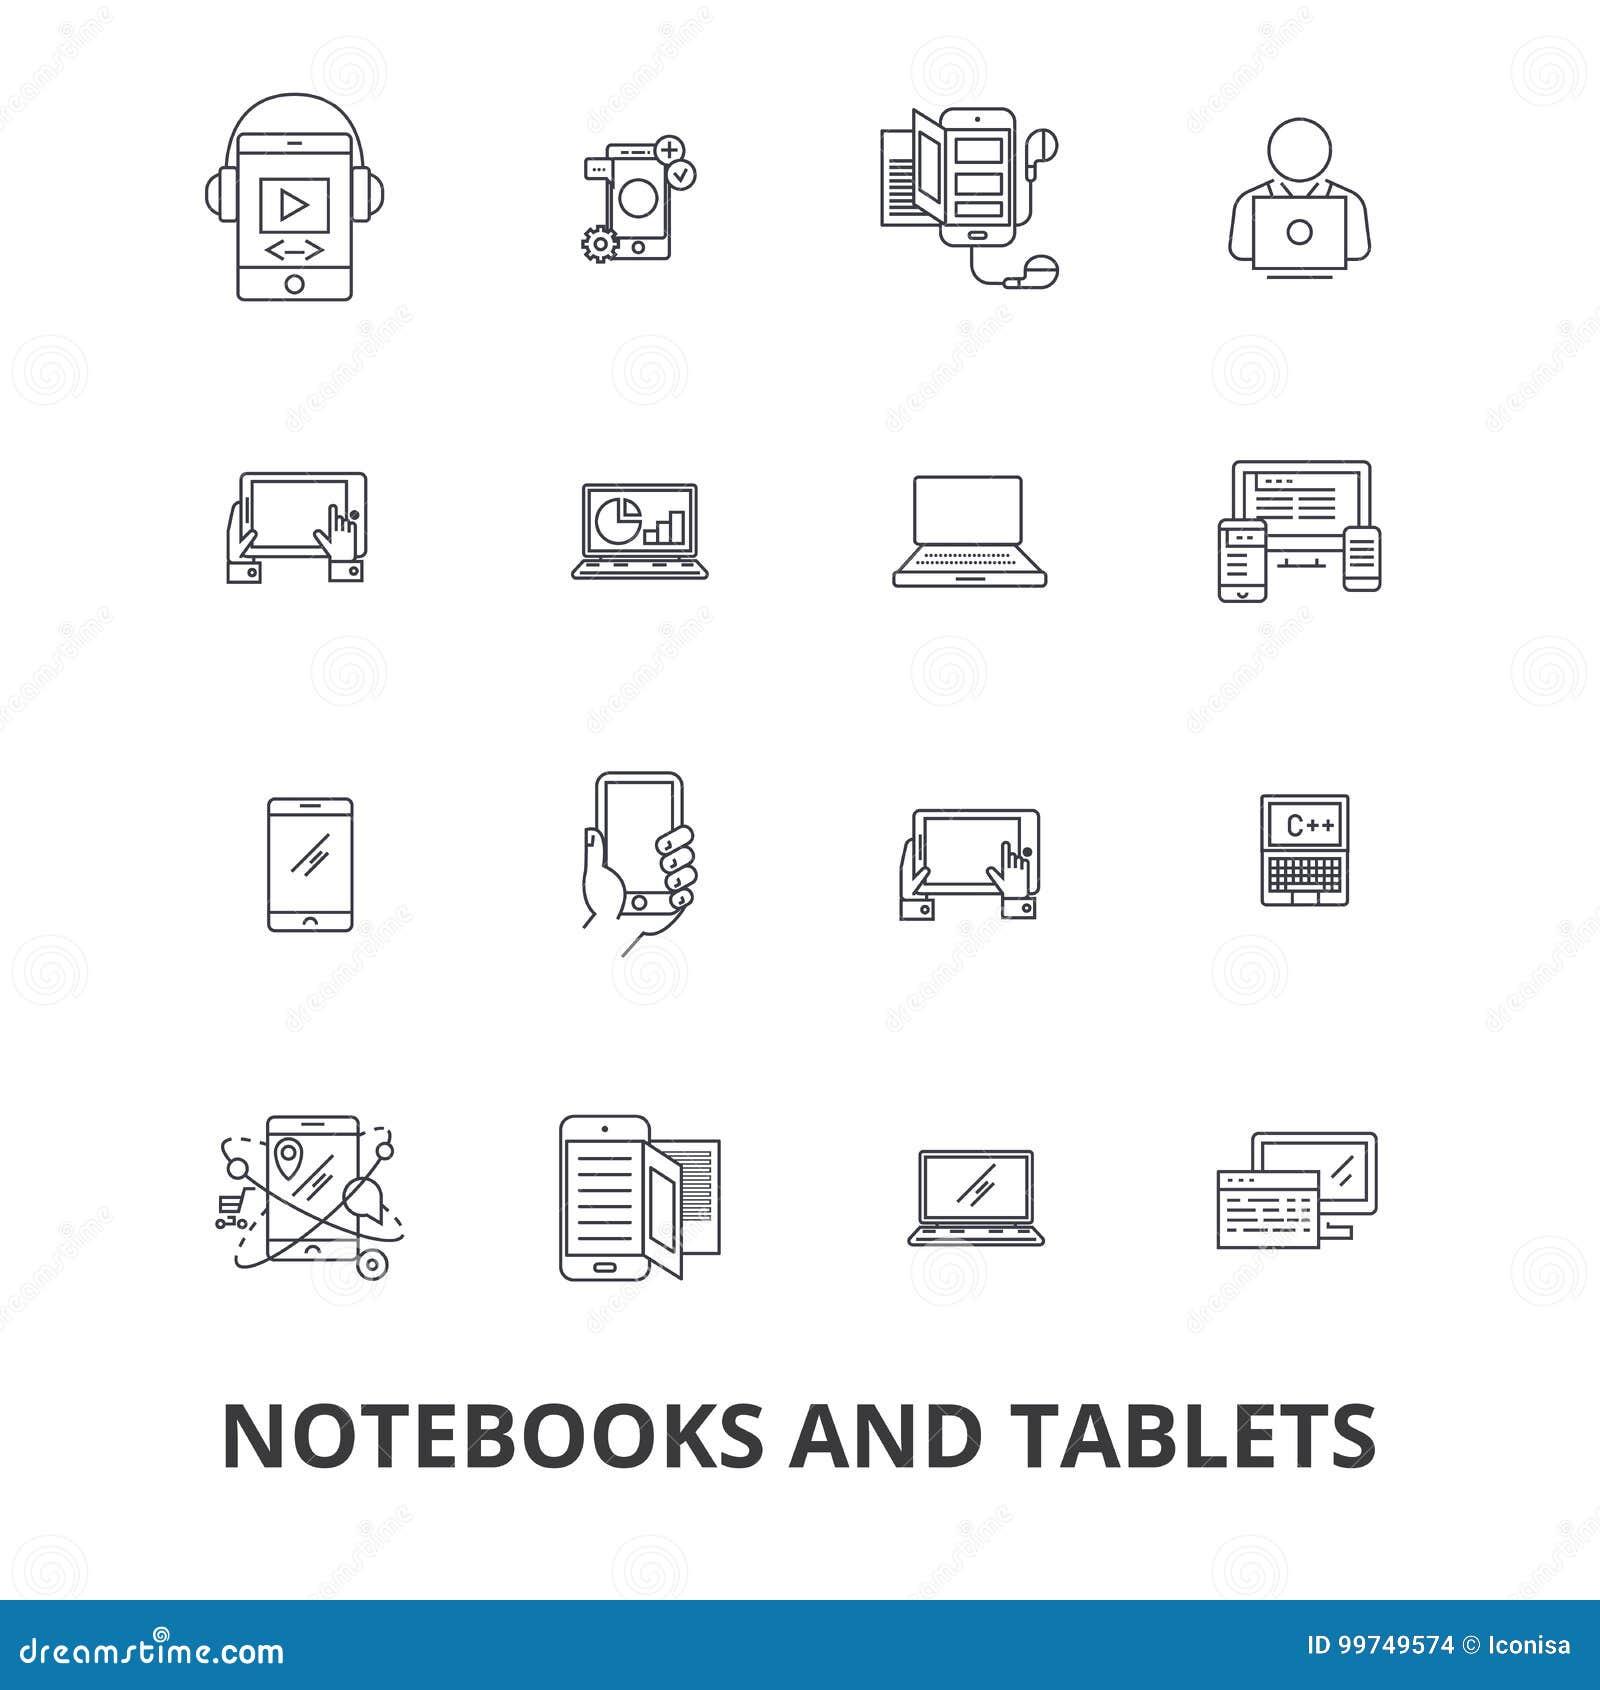 Notizbücher und Tabletten, Laptop, Schirm, Notizblock, Computer, Gerät, PC-Linie Ikonen Editable Anschläge Flacher Designvektor